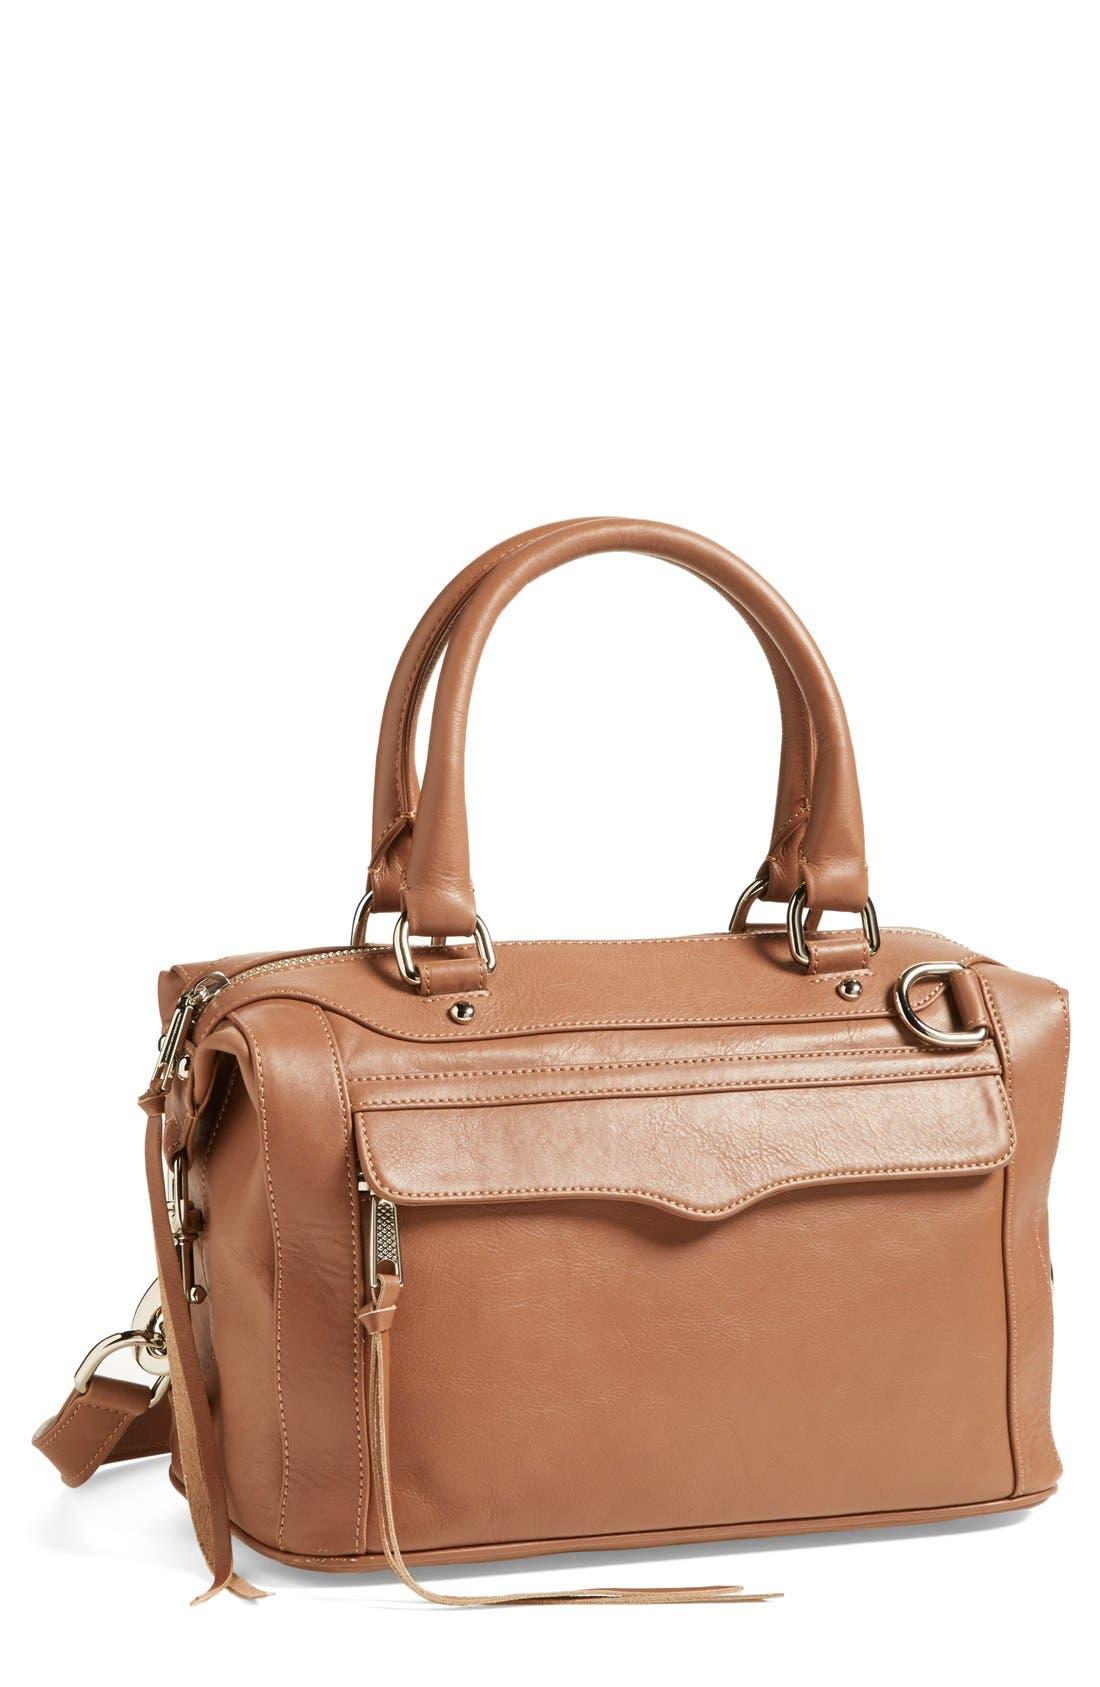 'MAB - Mini' Leather Satchel,                         Main,                         color, Taupe